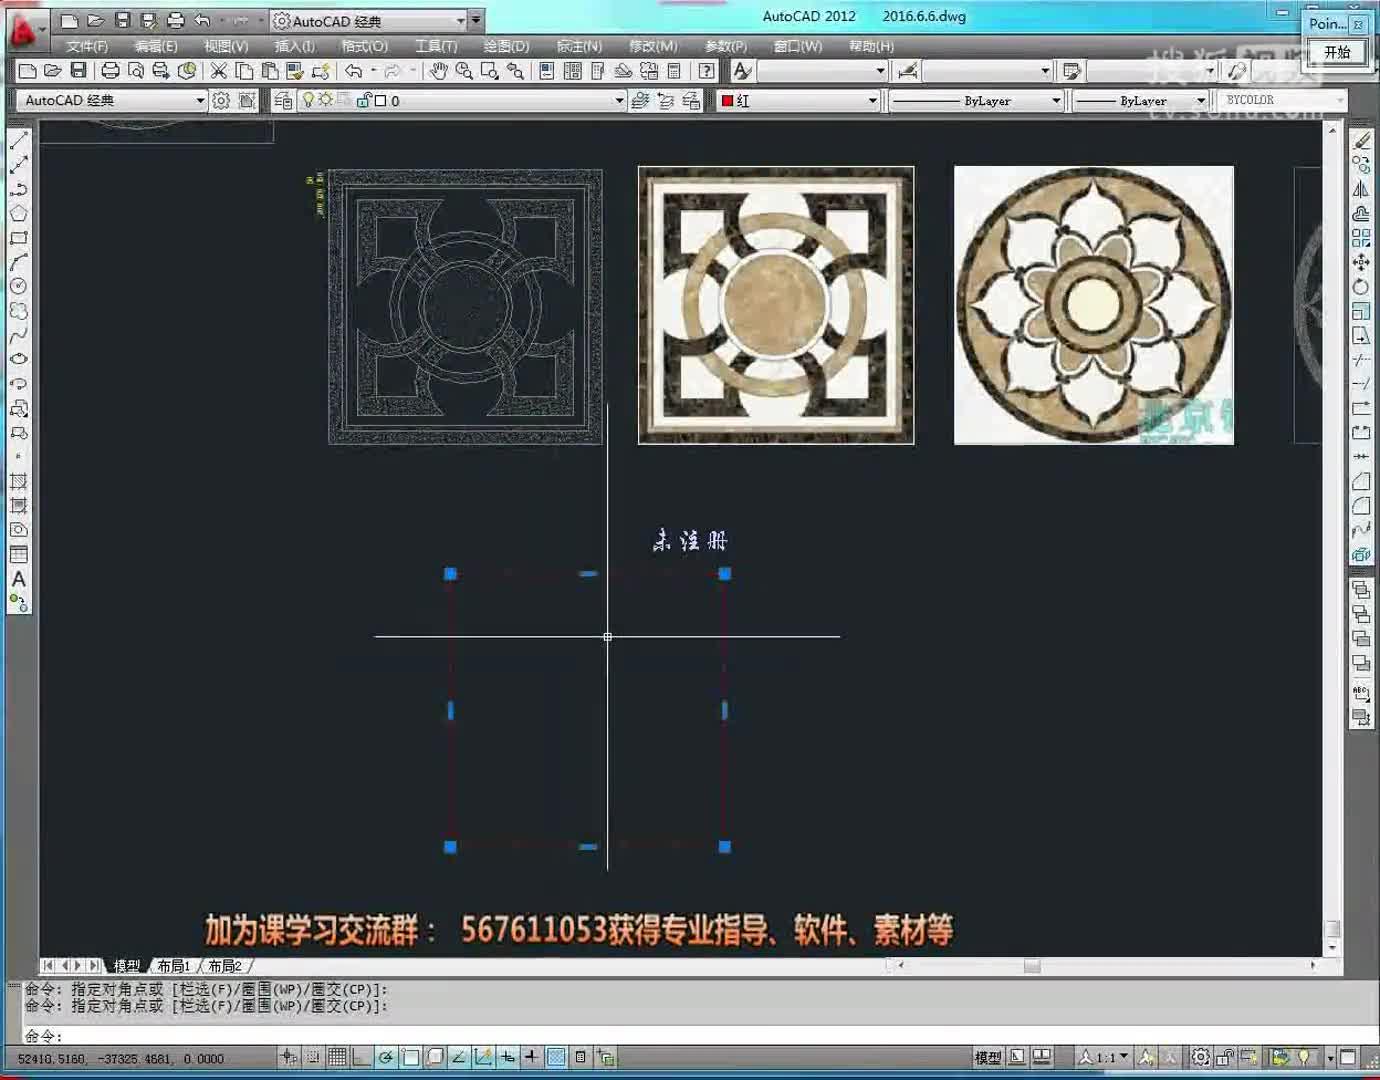 cad教程 制图设计 基础入门到精通 二维绘图 三维绘图 室内设计机械